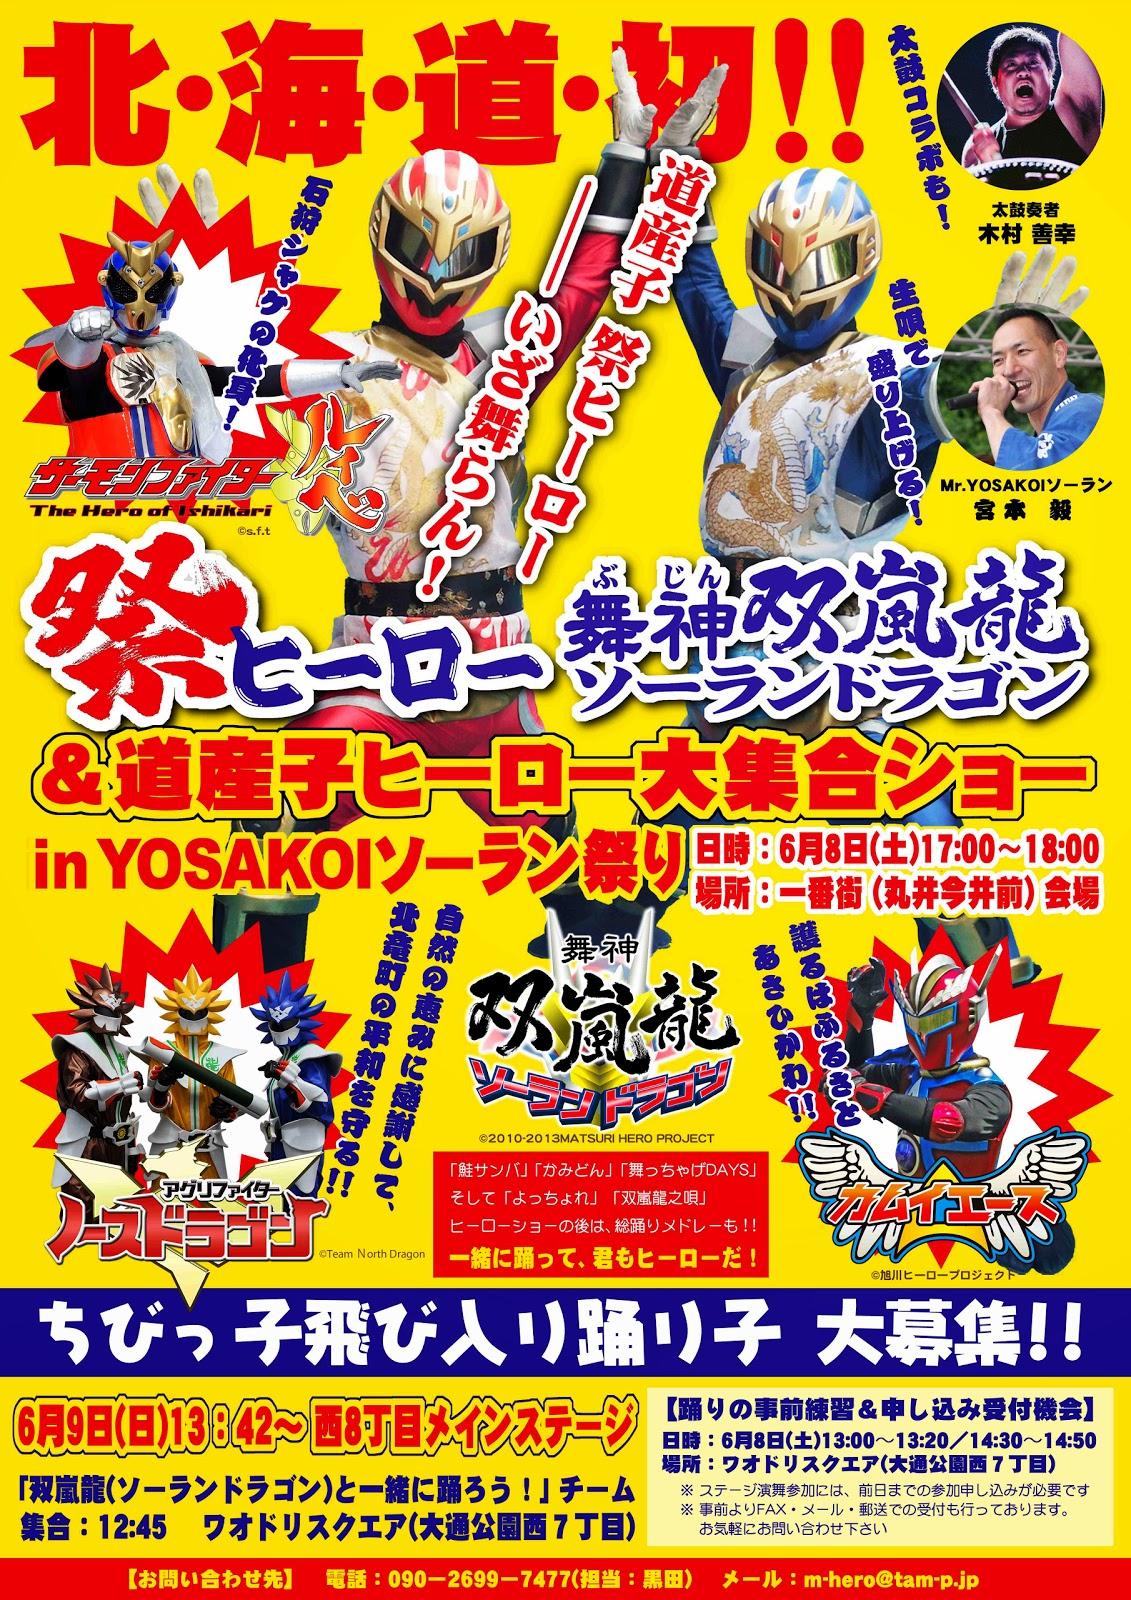 道産子ヒーロー大集合ショー2013